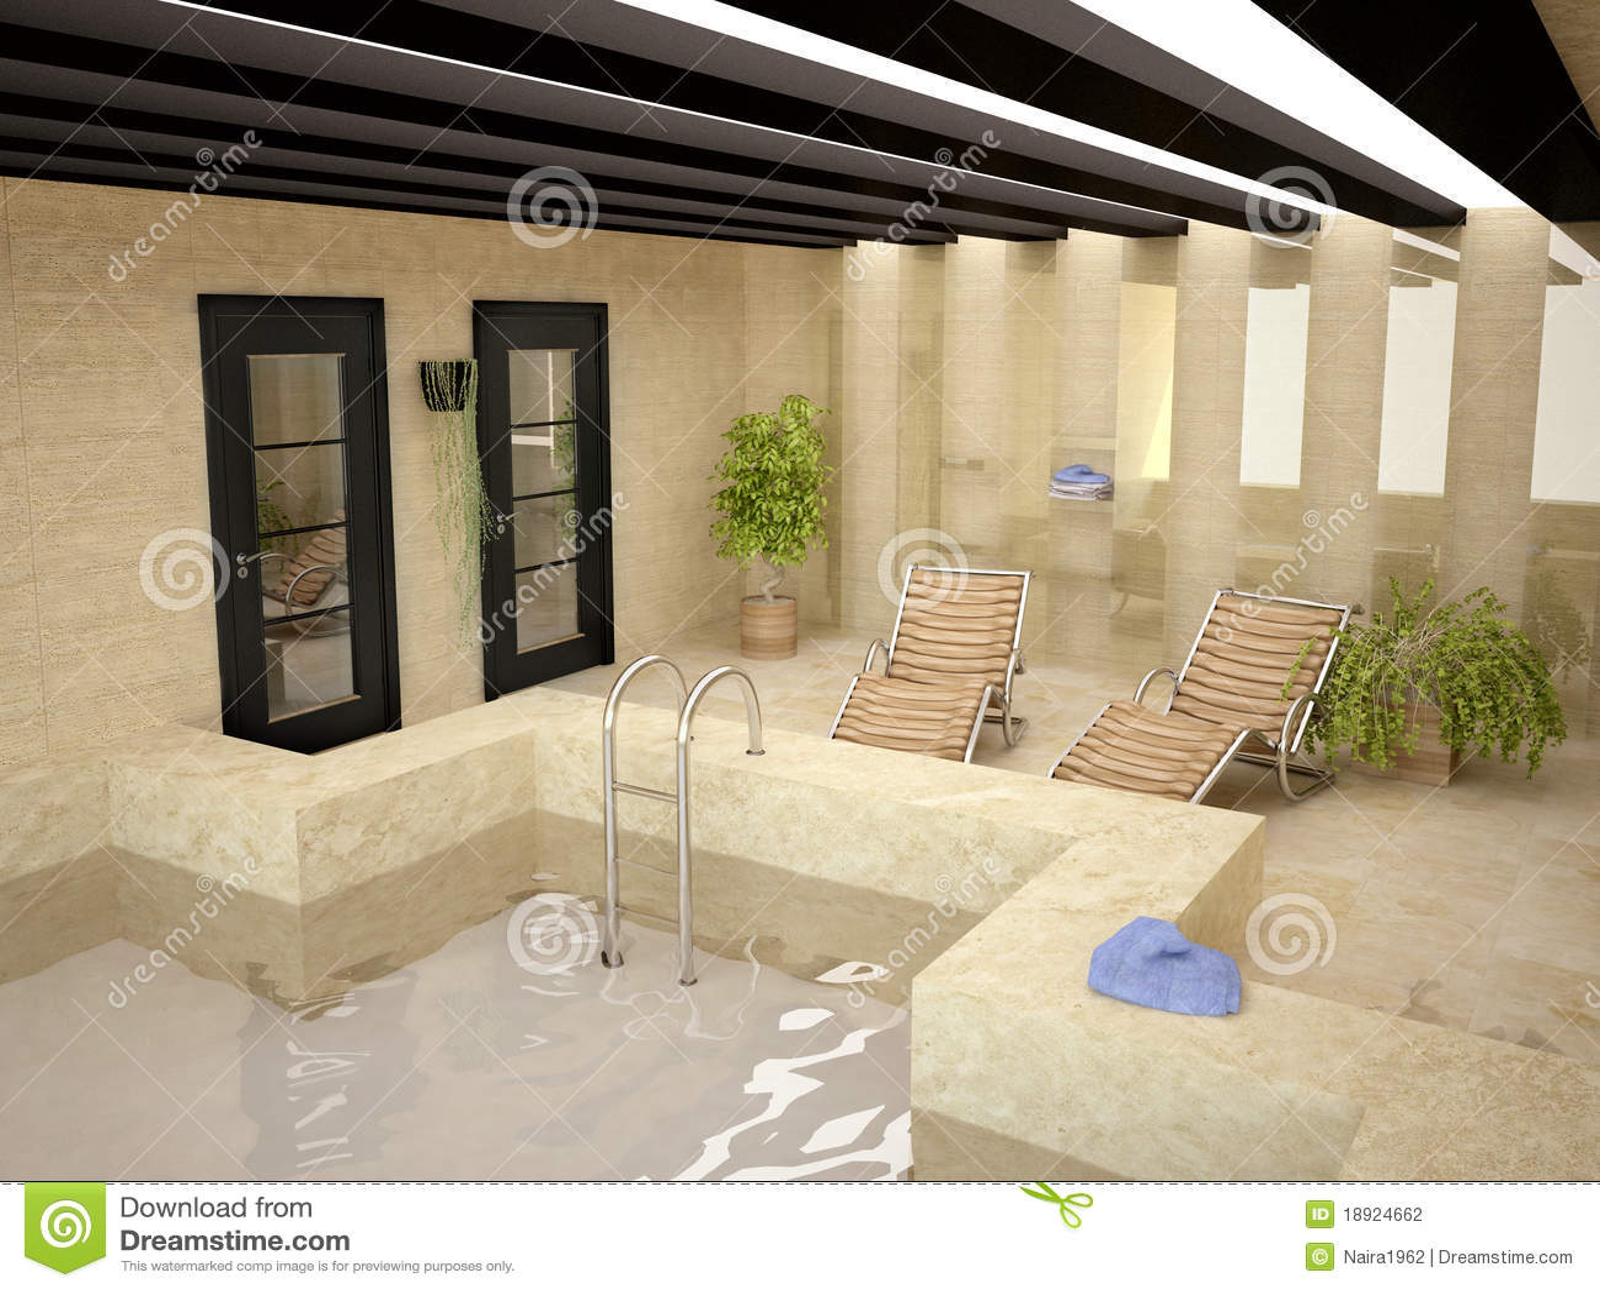 Zwembad In Huis : Zwembad binnen huis stock illustratie illustratie bestaande uit